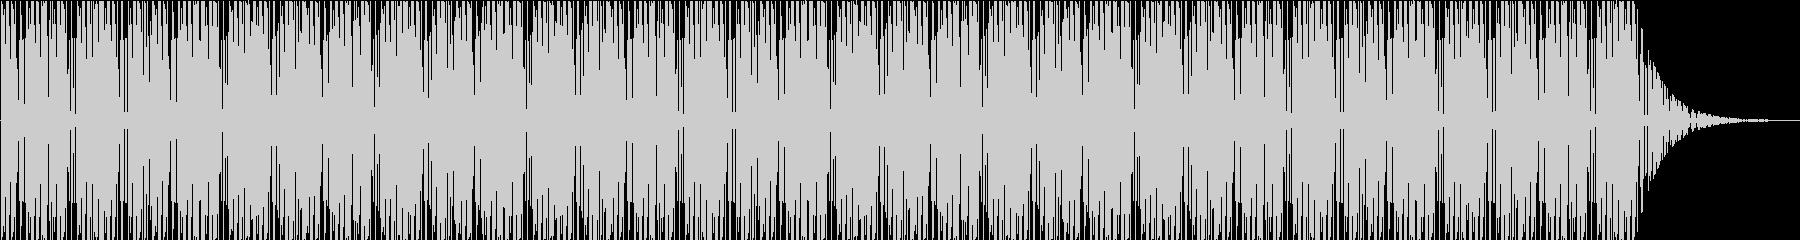 シンプルなヒップホップ系BGMの未再生の波形